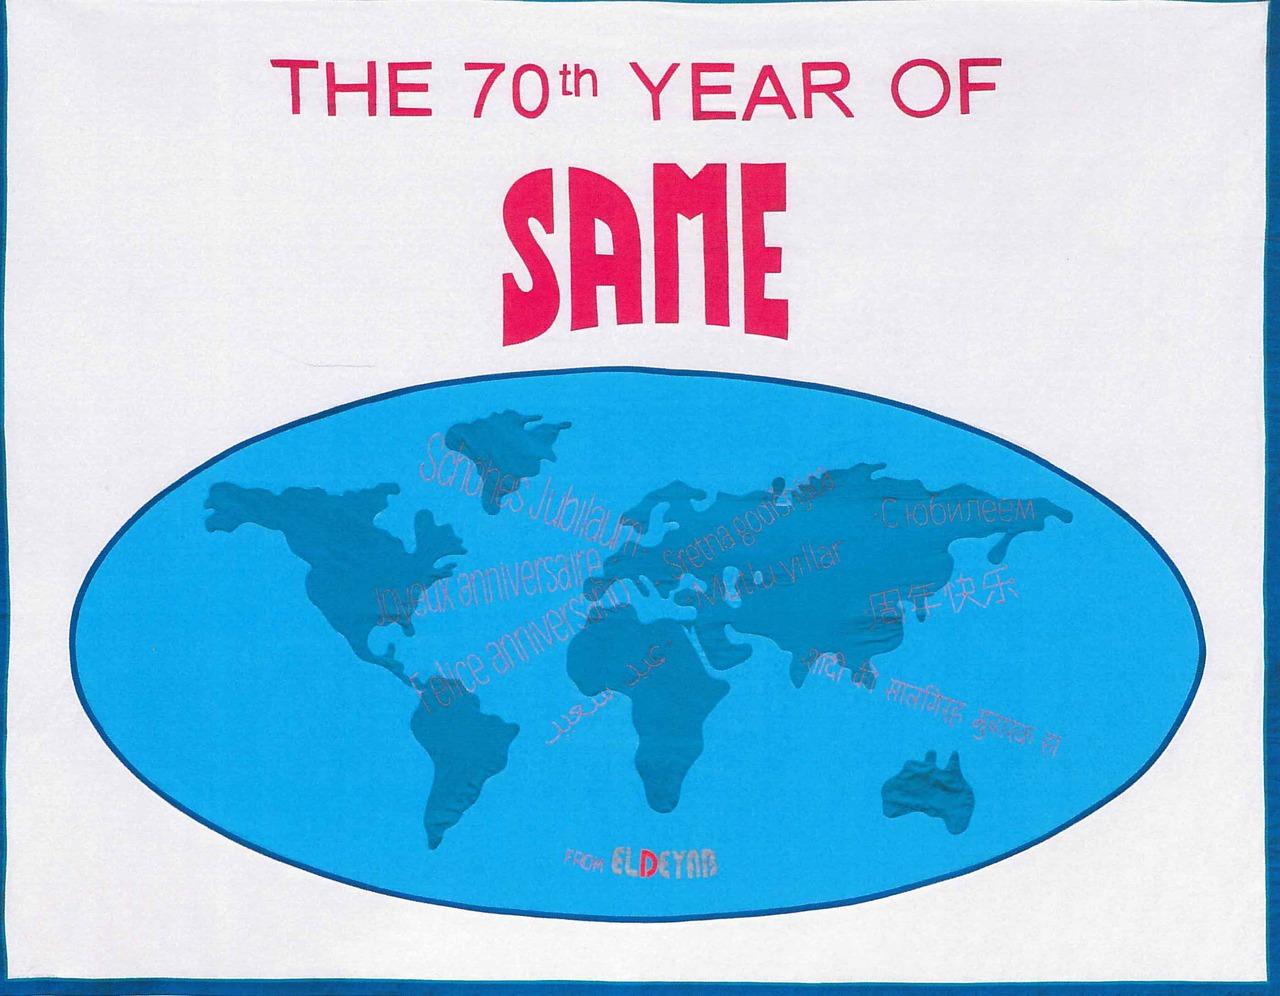 Il 70esimo anniversario della SAME